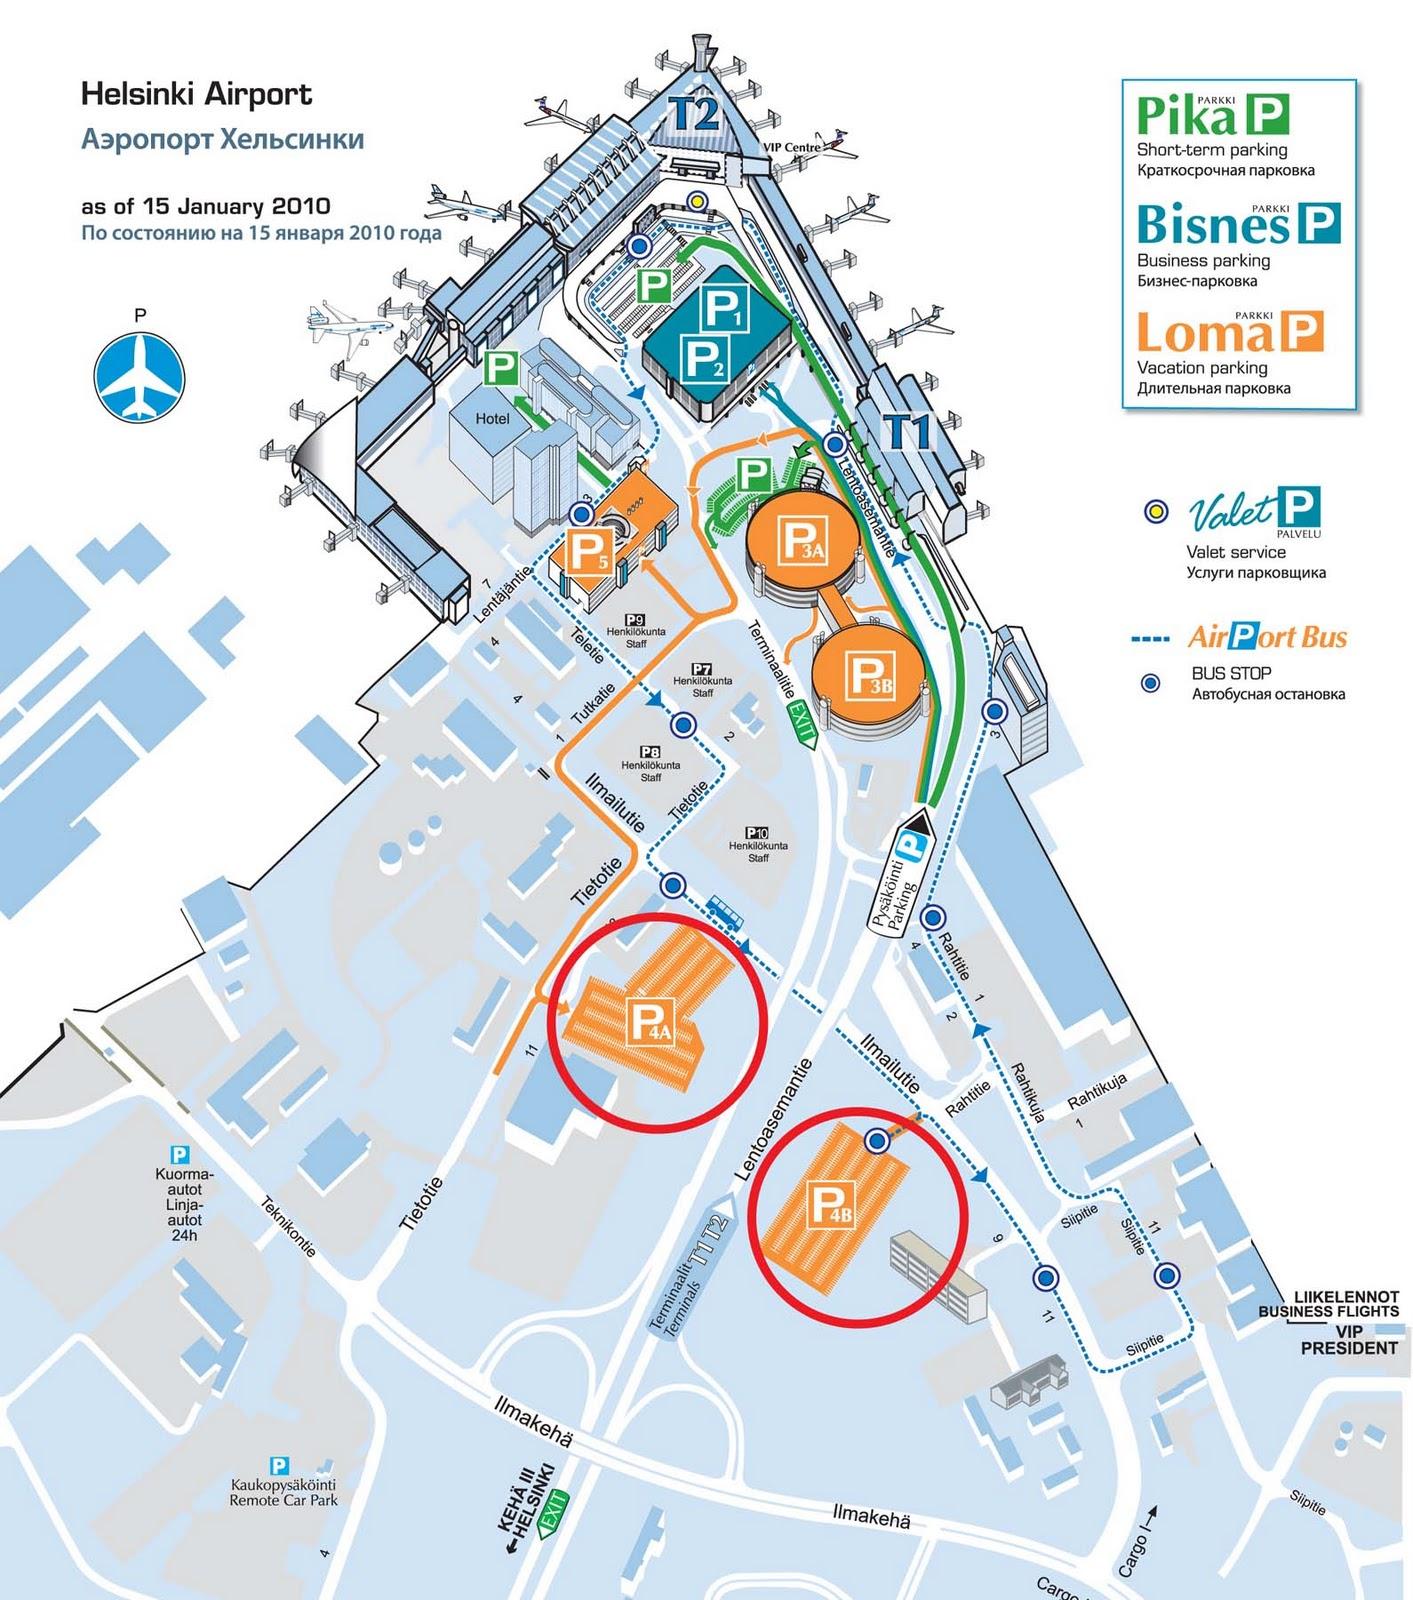 Схема аэропорта хельсинки переход для транзитных пассажиров